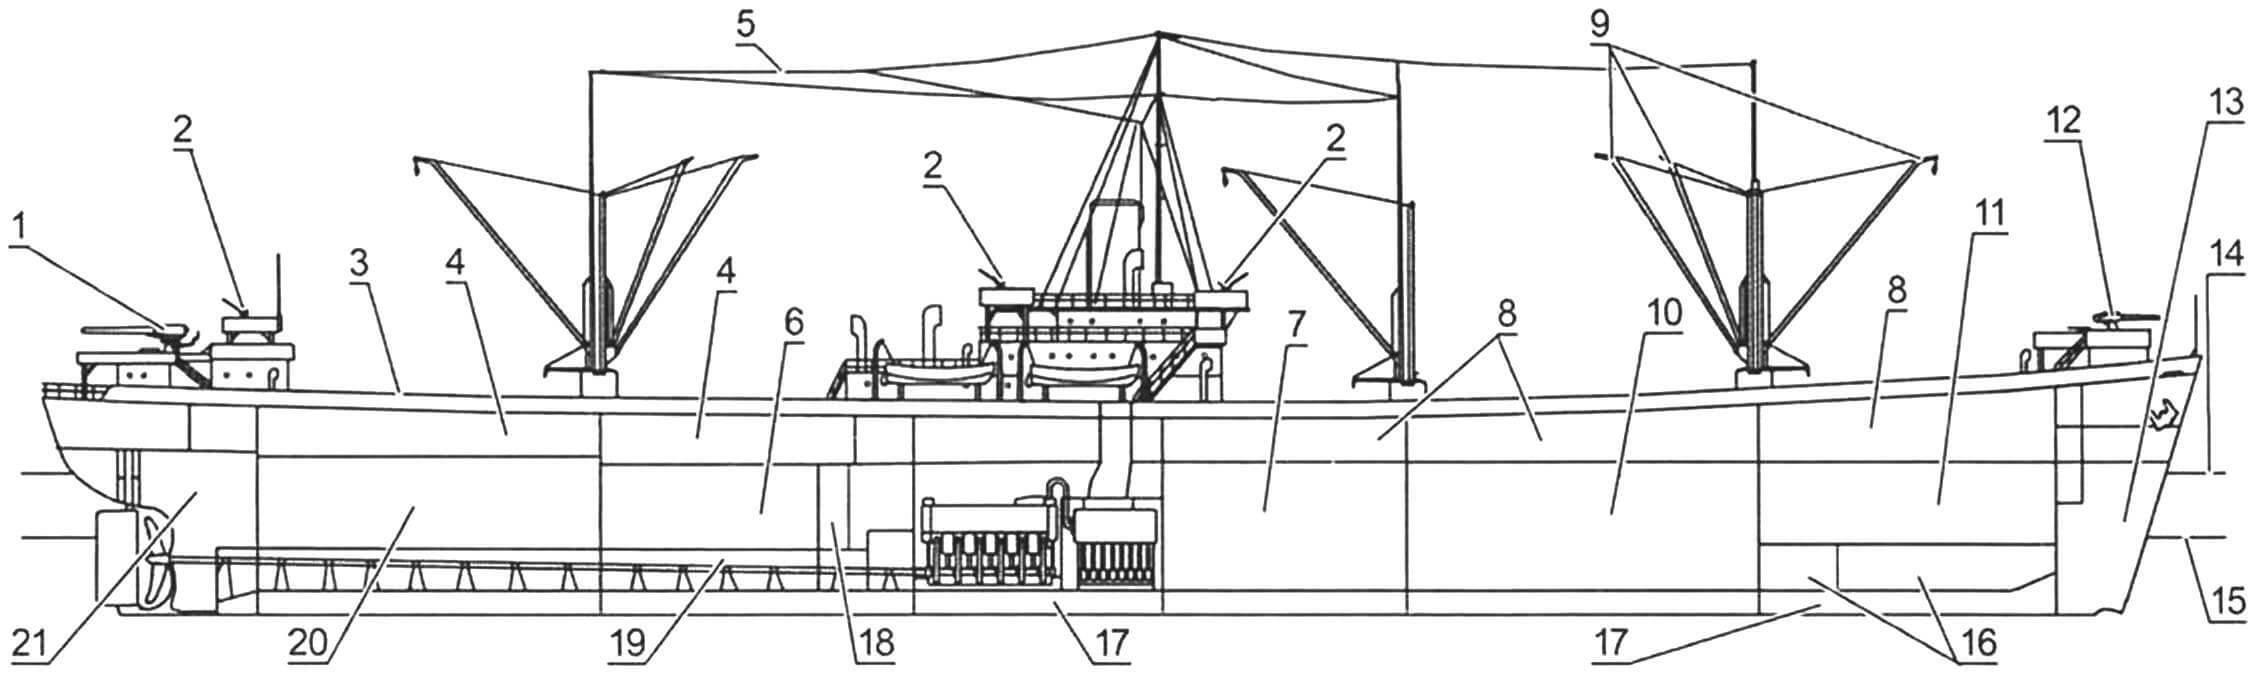 Схема общего расположения судна типа «Либерти» (сухогрузный вариант)